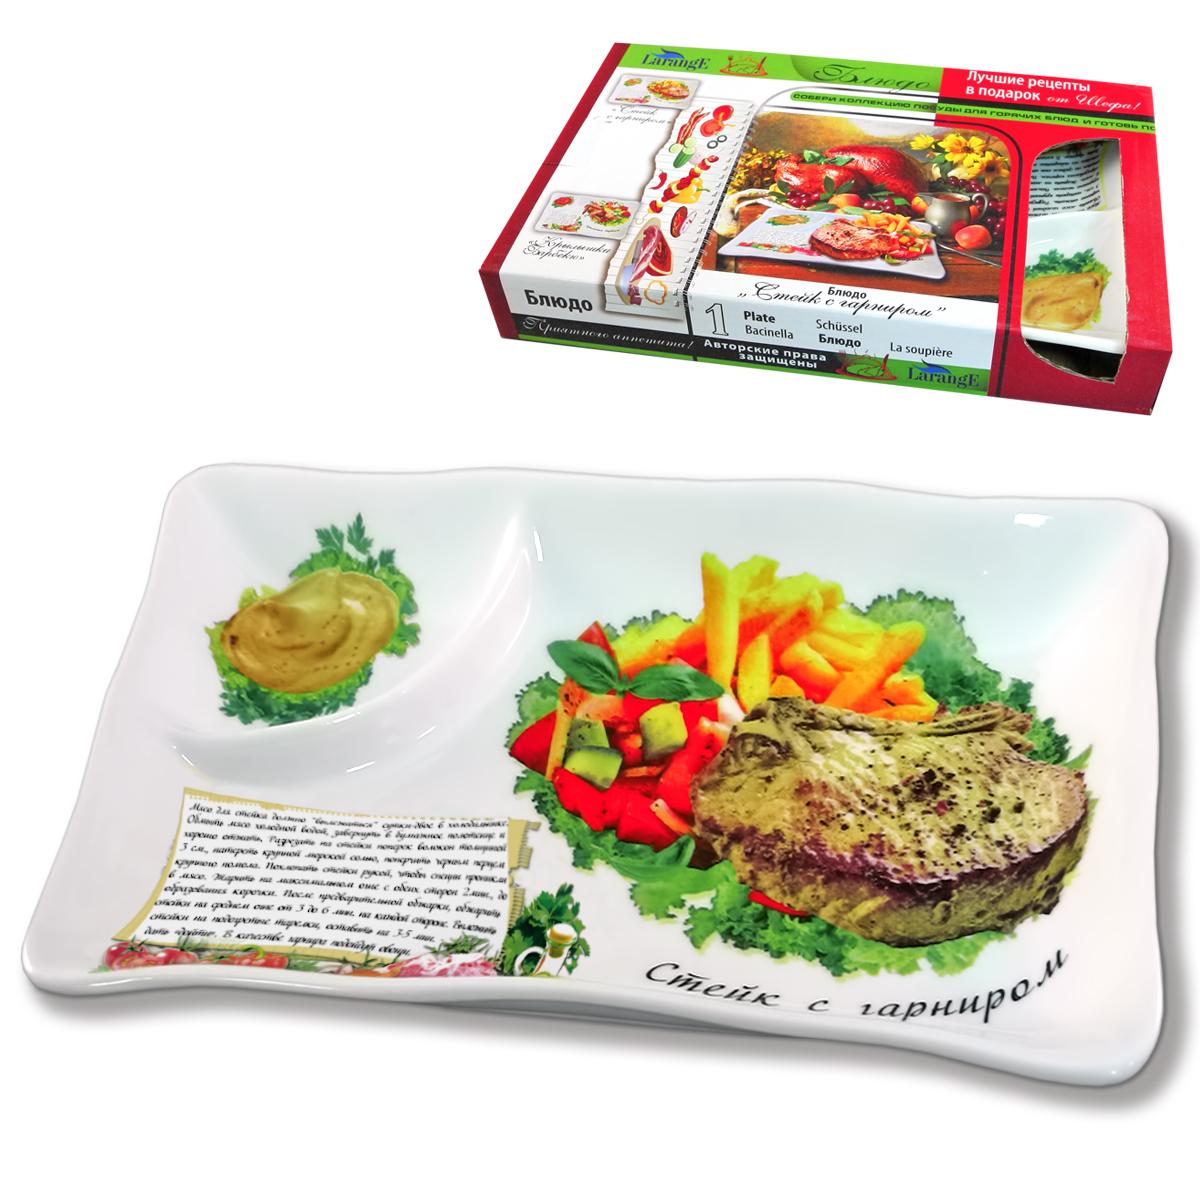 Блюдо LarangE Стейк с гарниром, 20,6 х 12,5 х 2,7 см94672Блюдо LarangE Стейк с гарниром, выполненное из высококачественного фарфора, порадует вас изящным дизайном и практичностью. Блюдо имеет дополнительное отделение для соуса. Стенки блюда декорированы изображением стейка с гарниром. Кроме того, для упрощения процесса приготовления на стенках написан рецепт. В комплект прилагается небольшой буклет с рецептами любимых блюд.Такое блюдо украсит ваш праздничный или обеденный стол, а оригинальное исполнение понравится любой хозяйке.Можно использовать в микроволновой печи, духовом шкафу, посудомоечной машине, холодильнике. Не применять абразивные чистящие вещества.